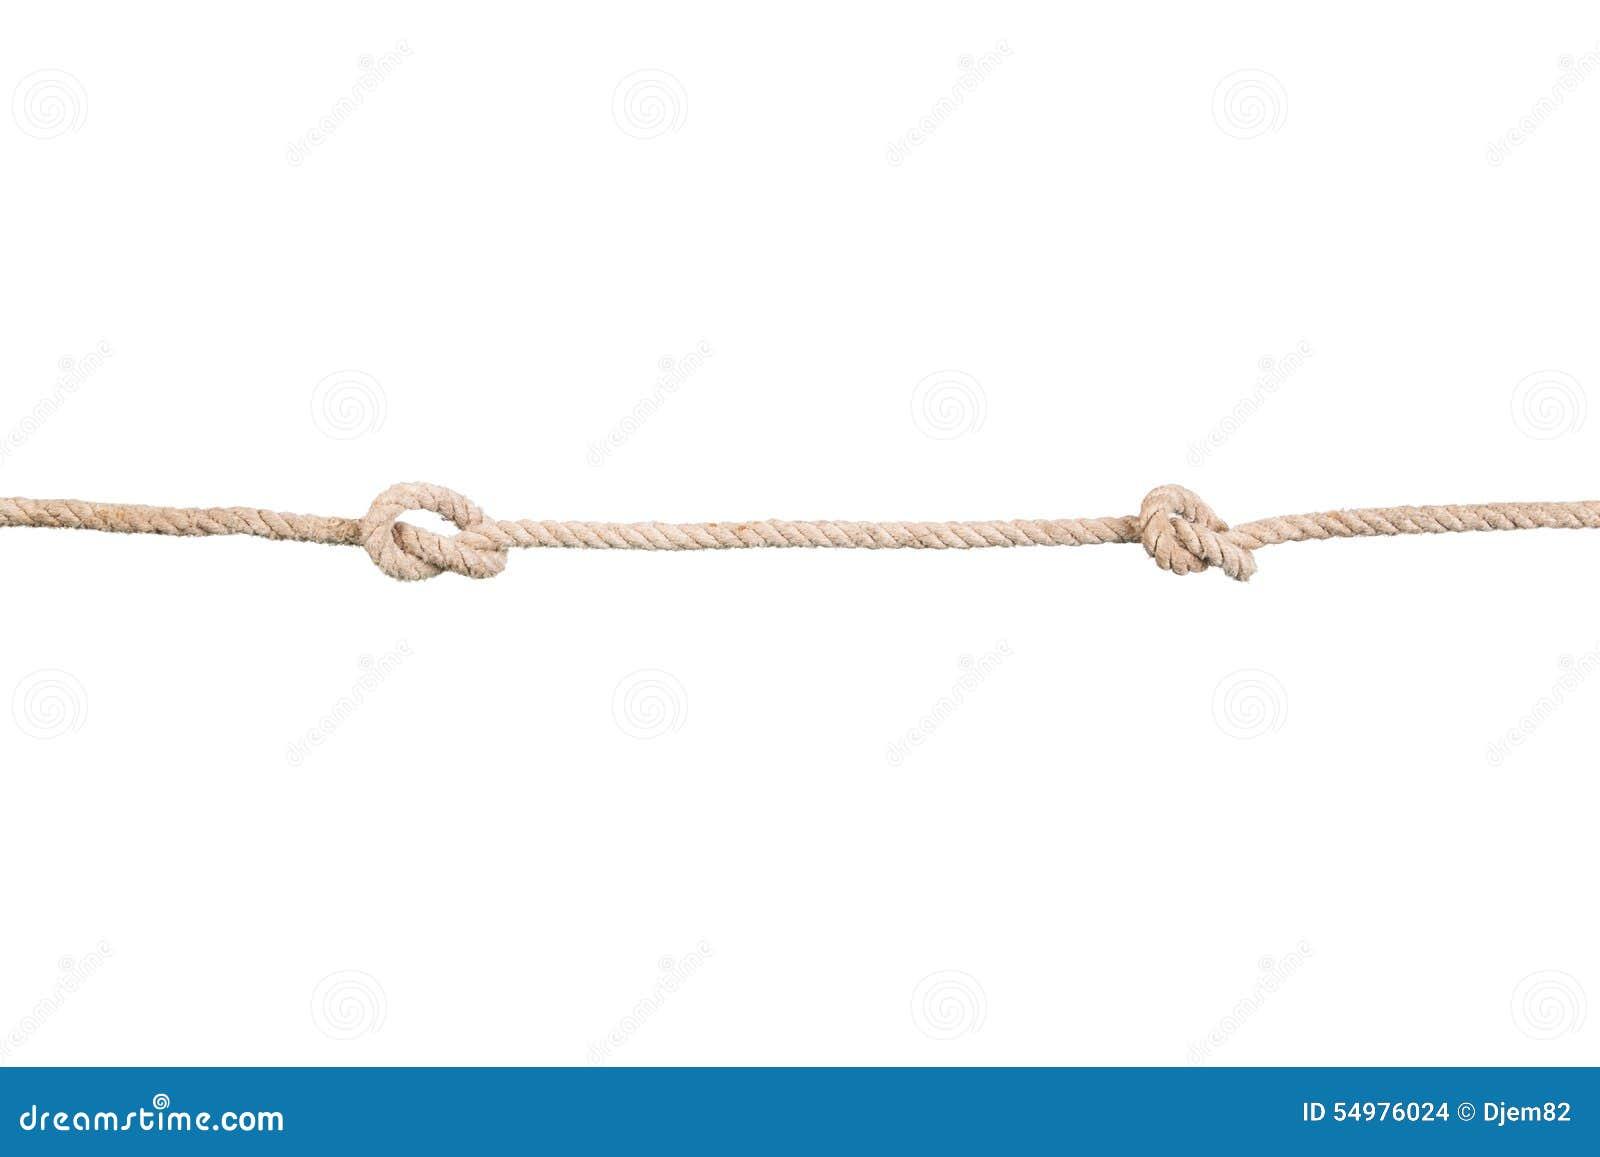 Cordes de bateau avec des knotes